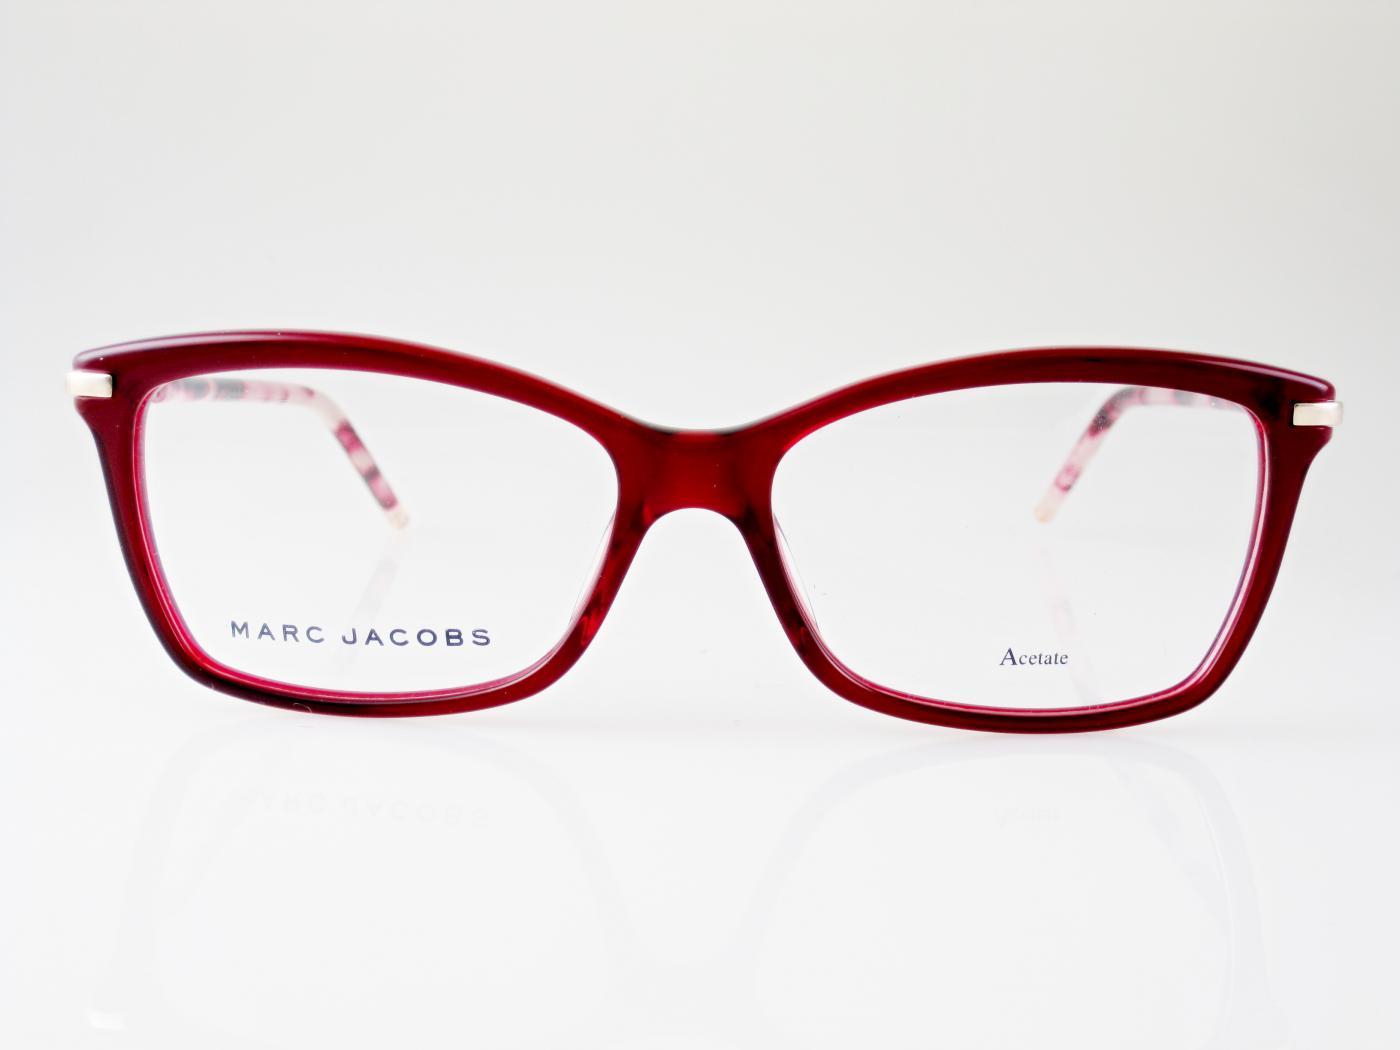 Dámske dioptrické okuliare Marc Jacobs 66b549c6c7e